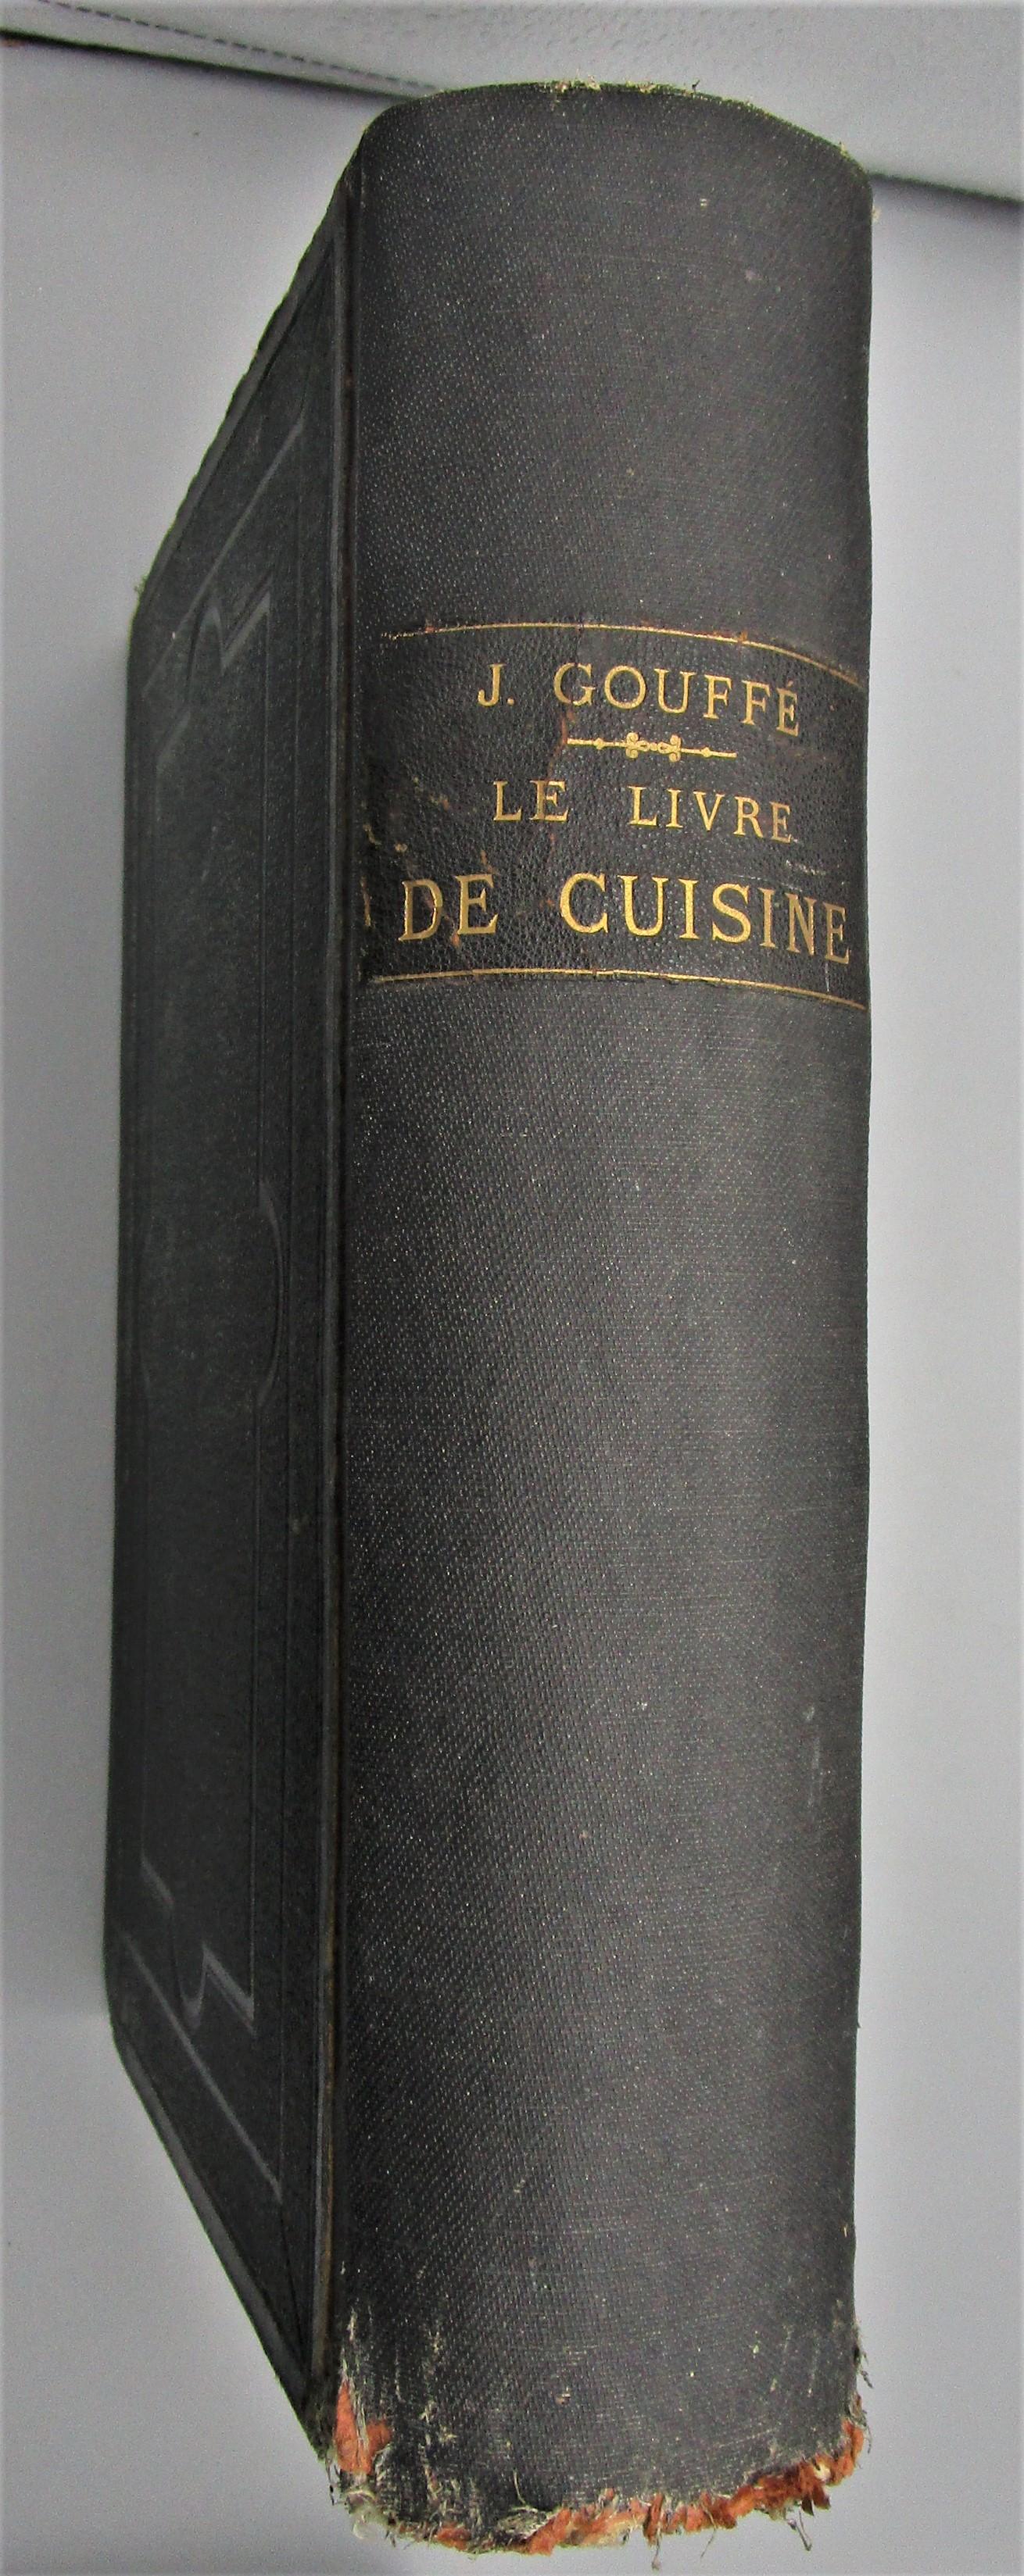 LE LIVRE DE CUISINE, by Jules Gouffe - 1867 [1st Ed]